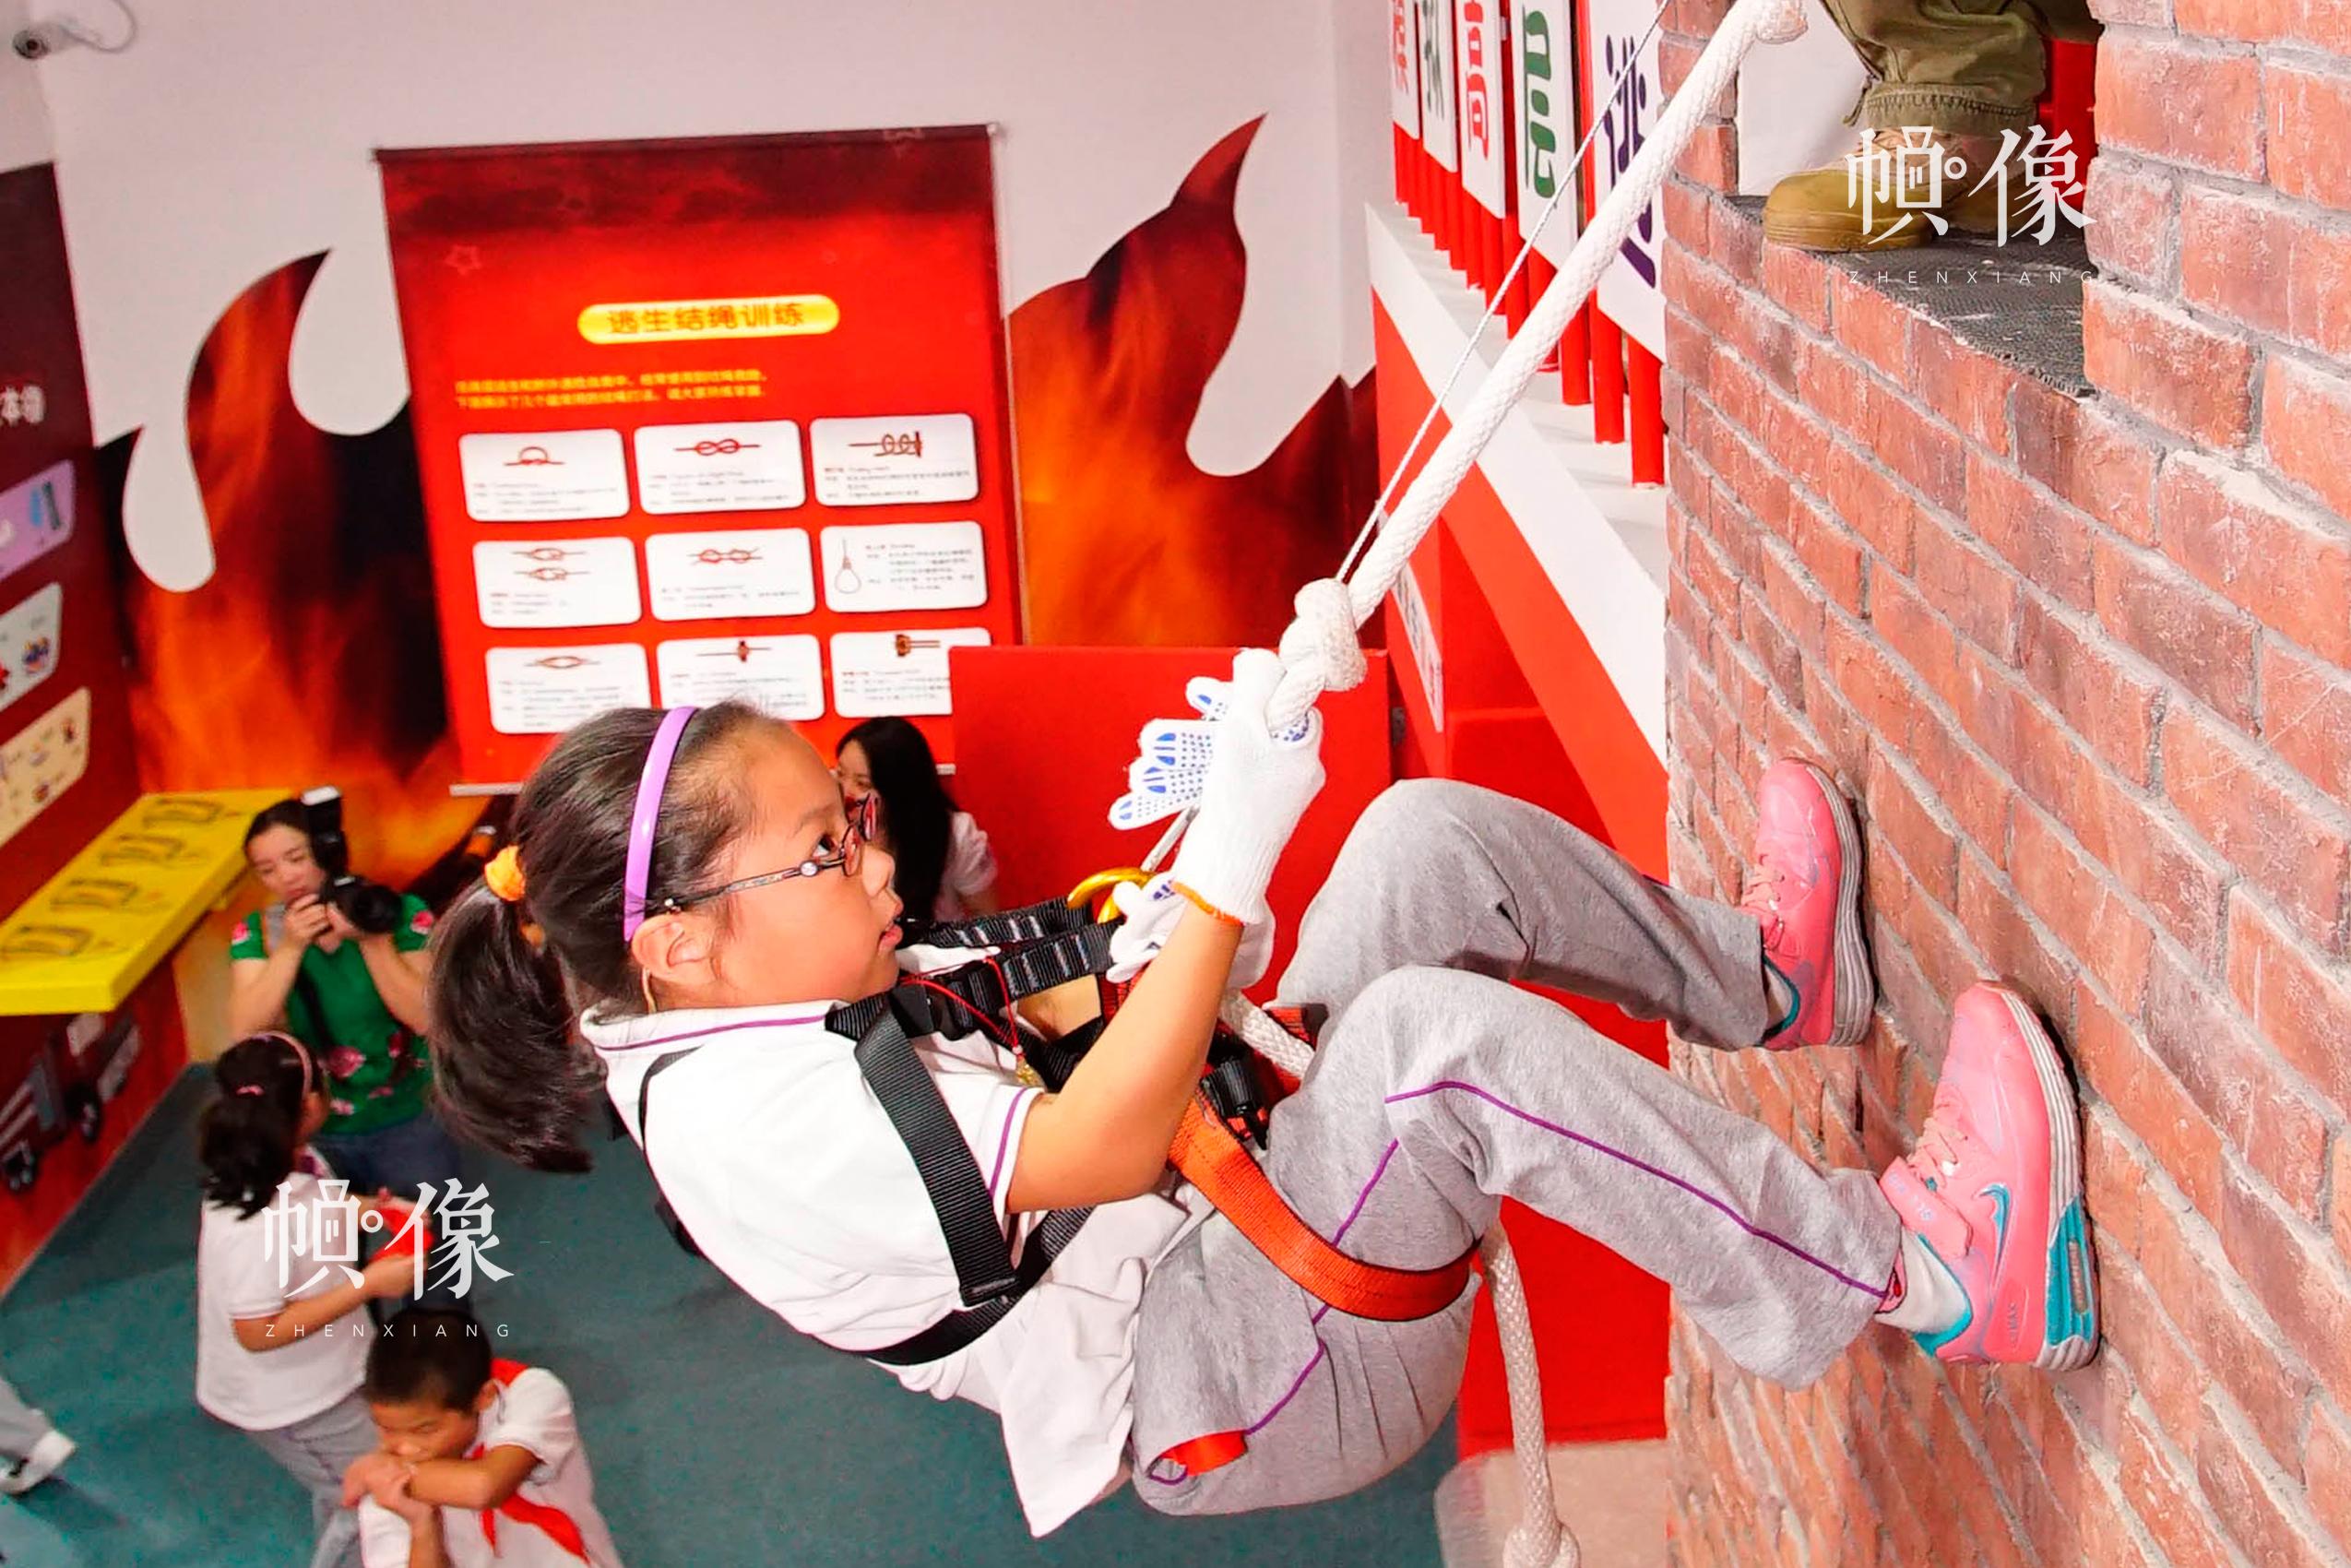 在安全体验中心,学生进行逃生避险之高空降落的应急技能训练。中国儿童少年基金会供图